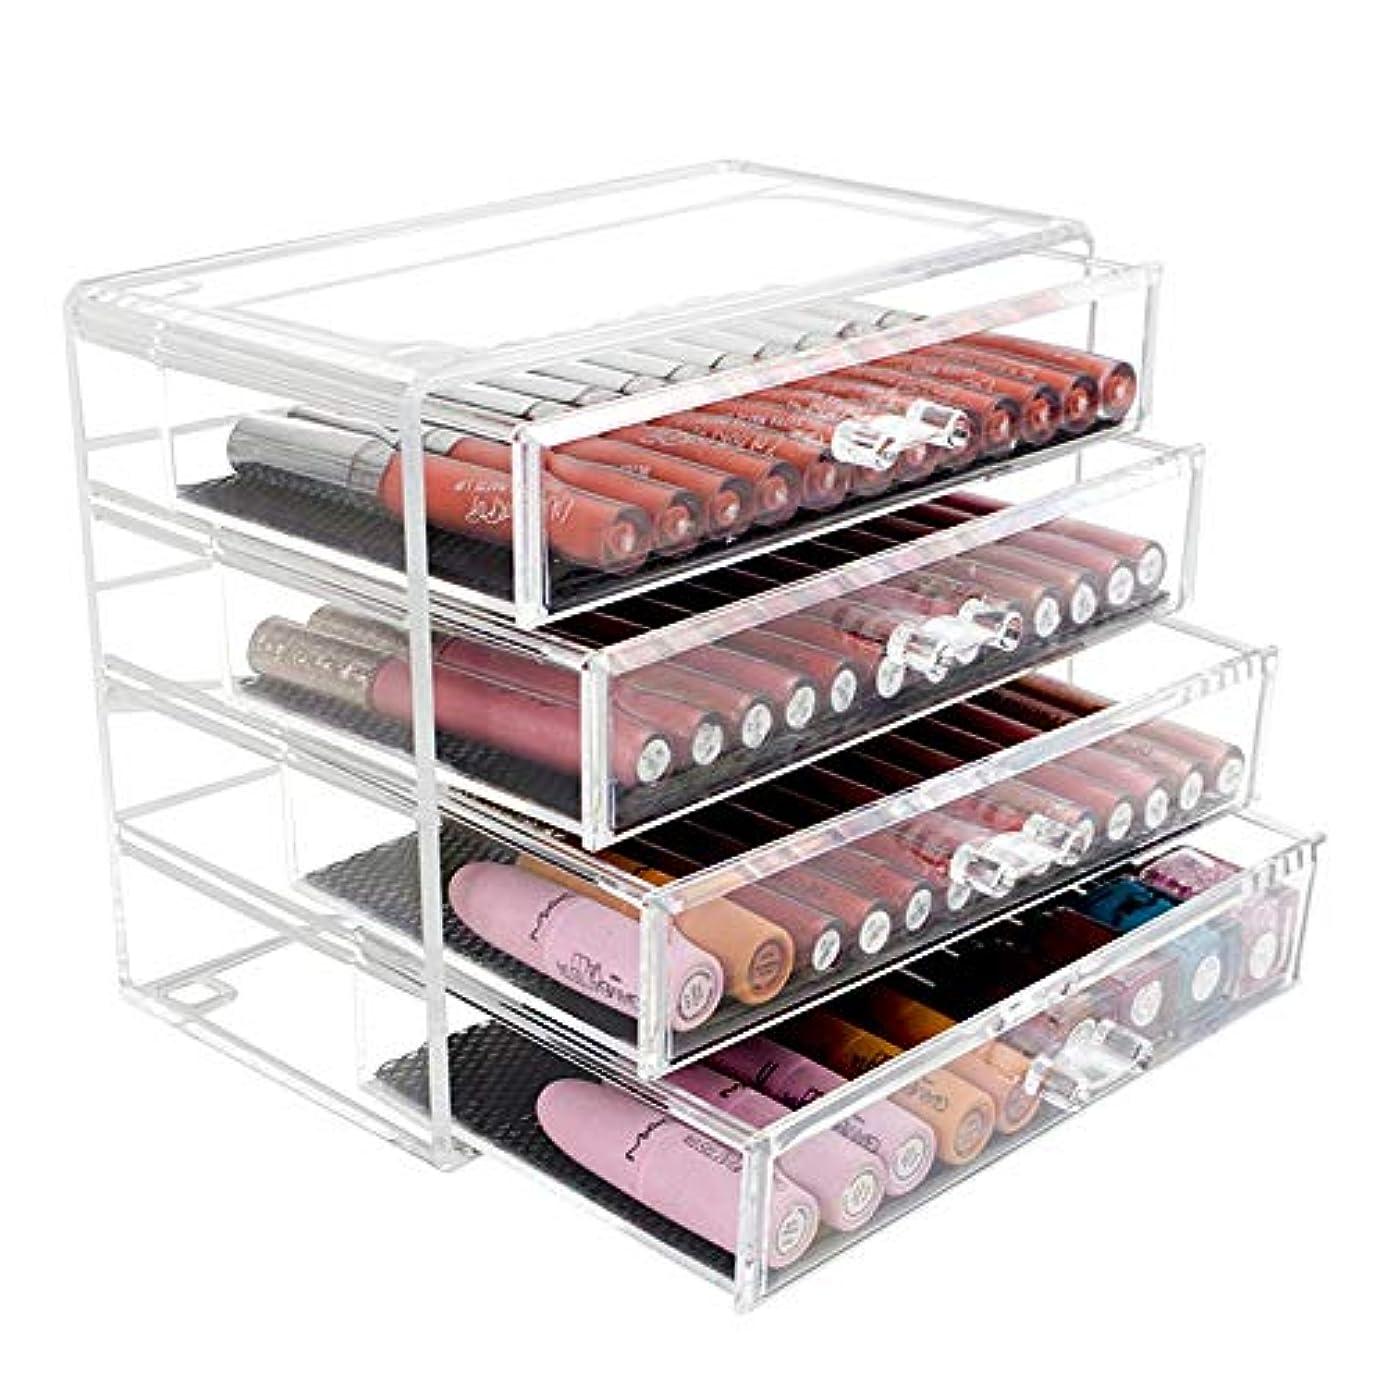 スタンド入浴濃度整理簡単 シンプルなメイクアップジュエリー化粧品オーガナイザー4層メイクアップオーガナイザーディスプレイバニティケーススタンド (Color : Clear, Size : 23.7*13.5*19.5CM)